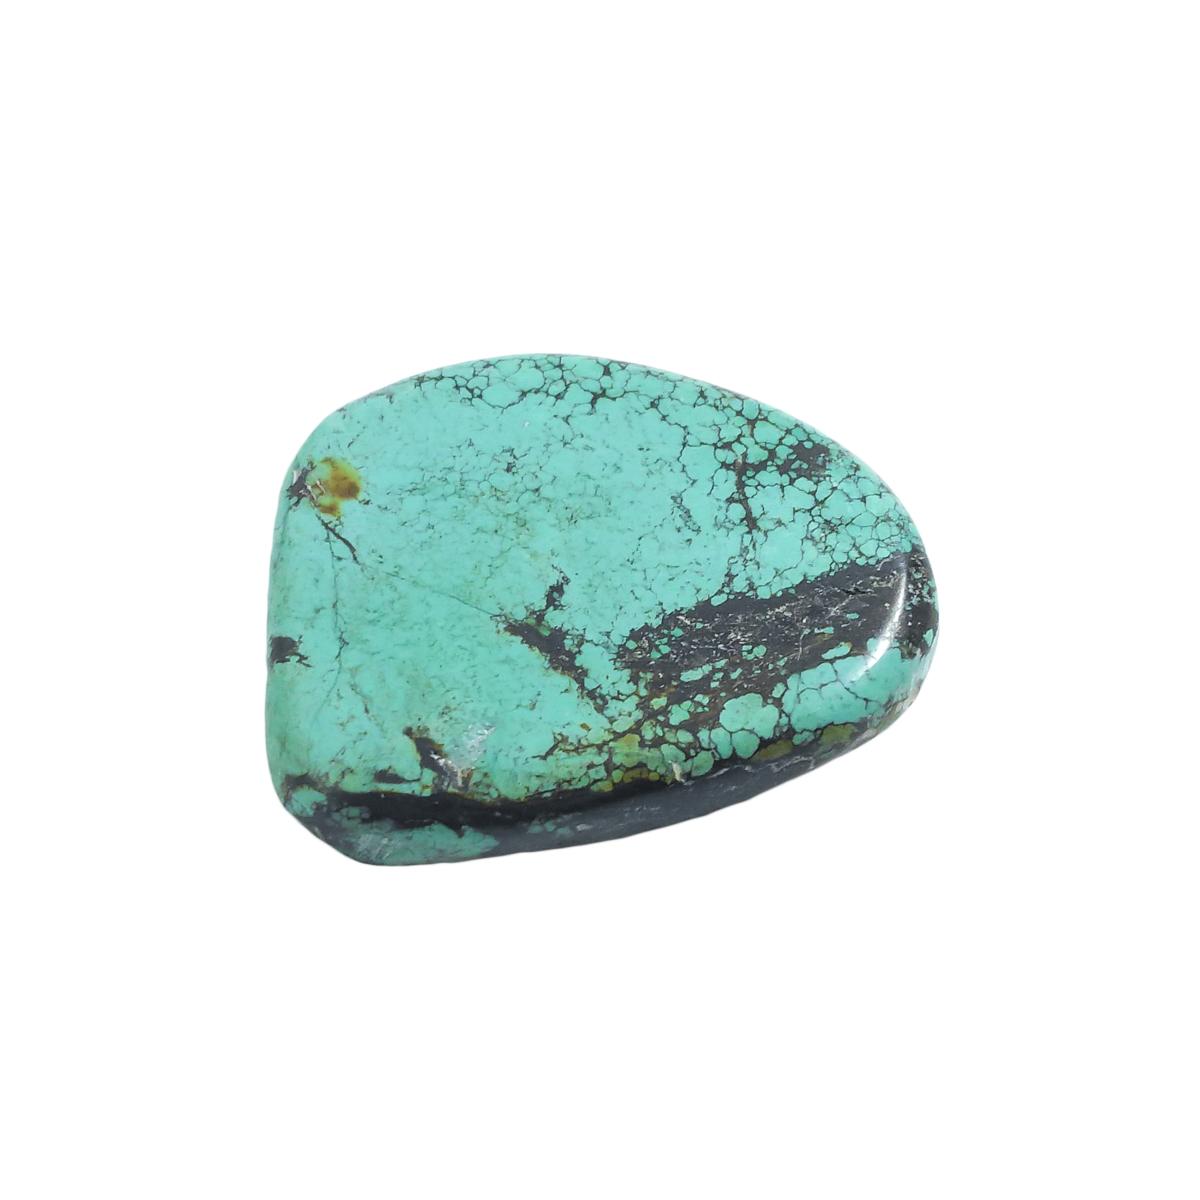 天然石パーツ ターコイズ トルコ石 スライスビーズ 約44x50.7x10.8mm 44g